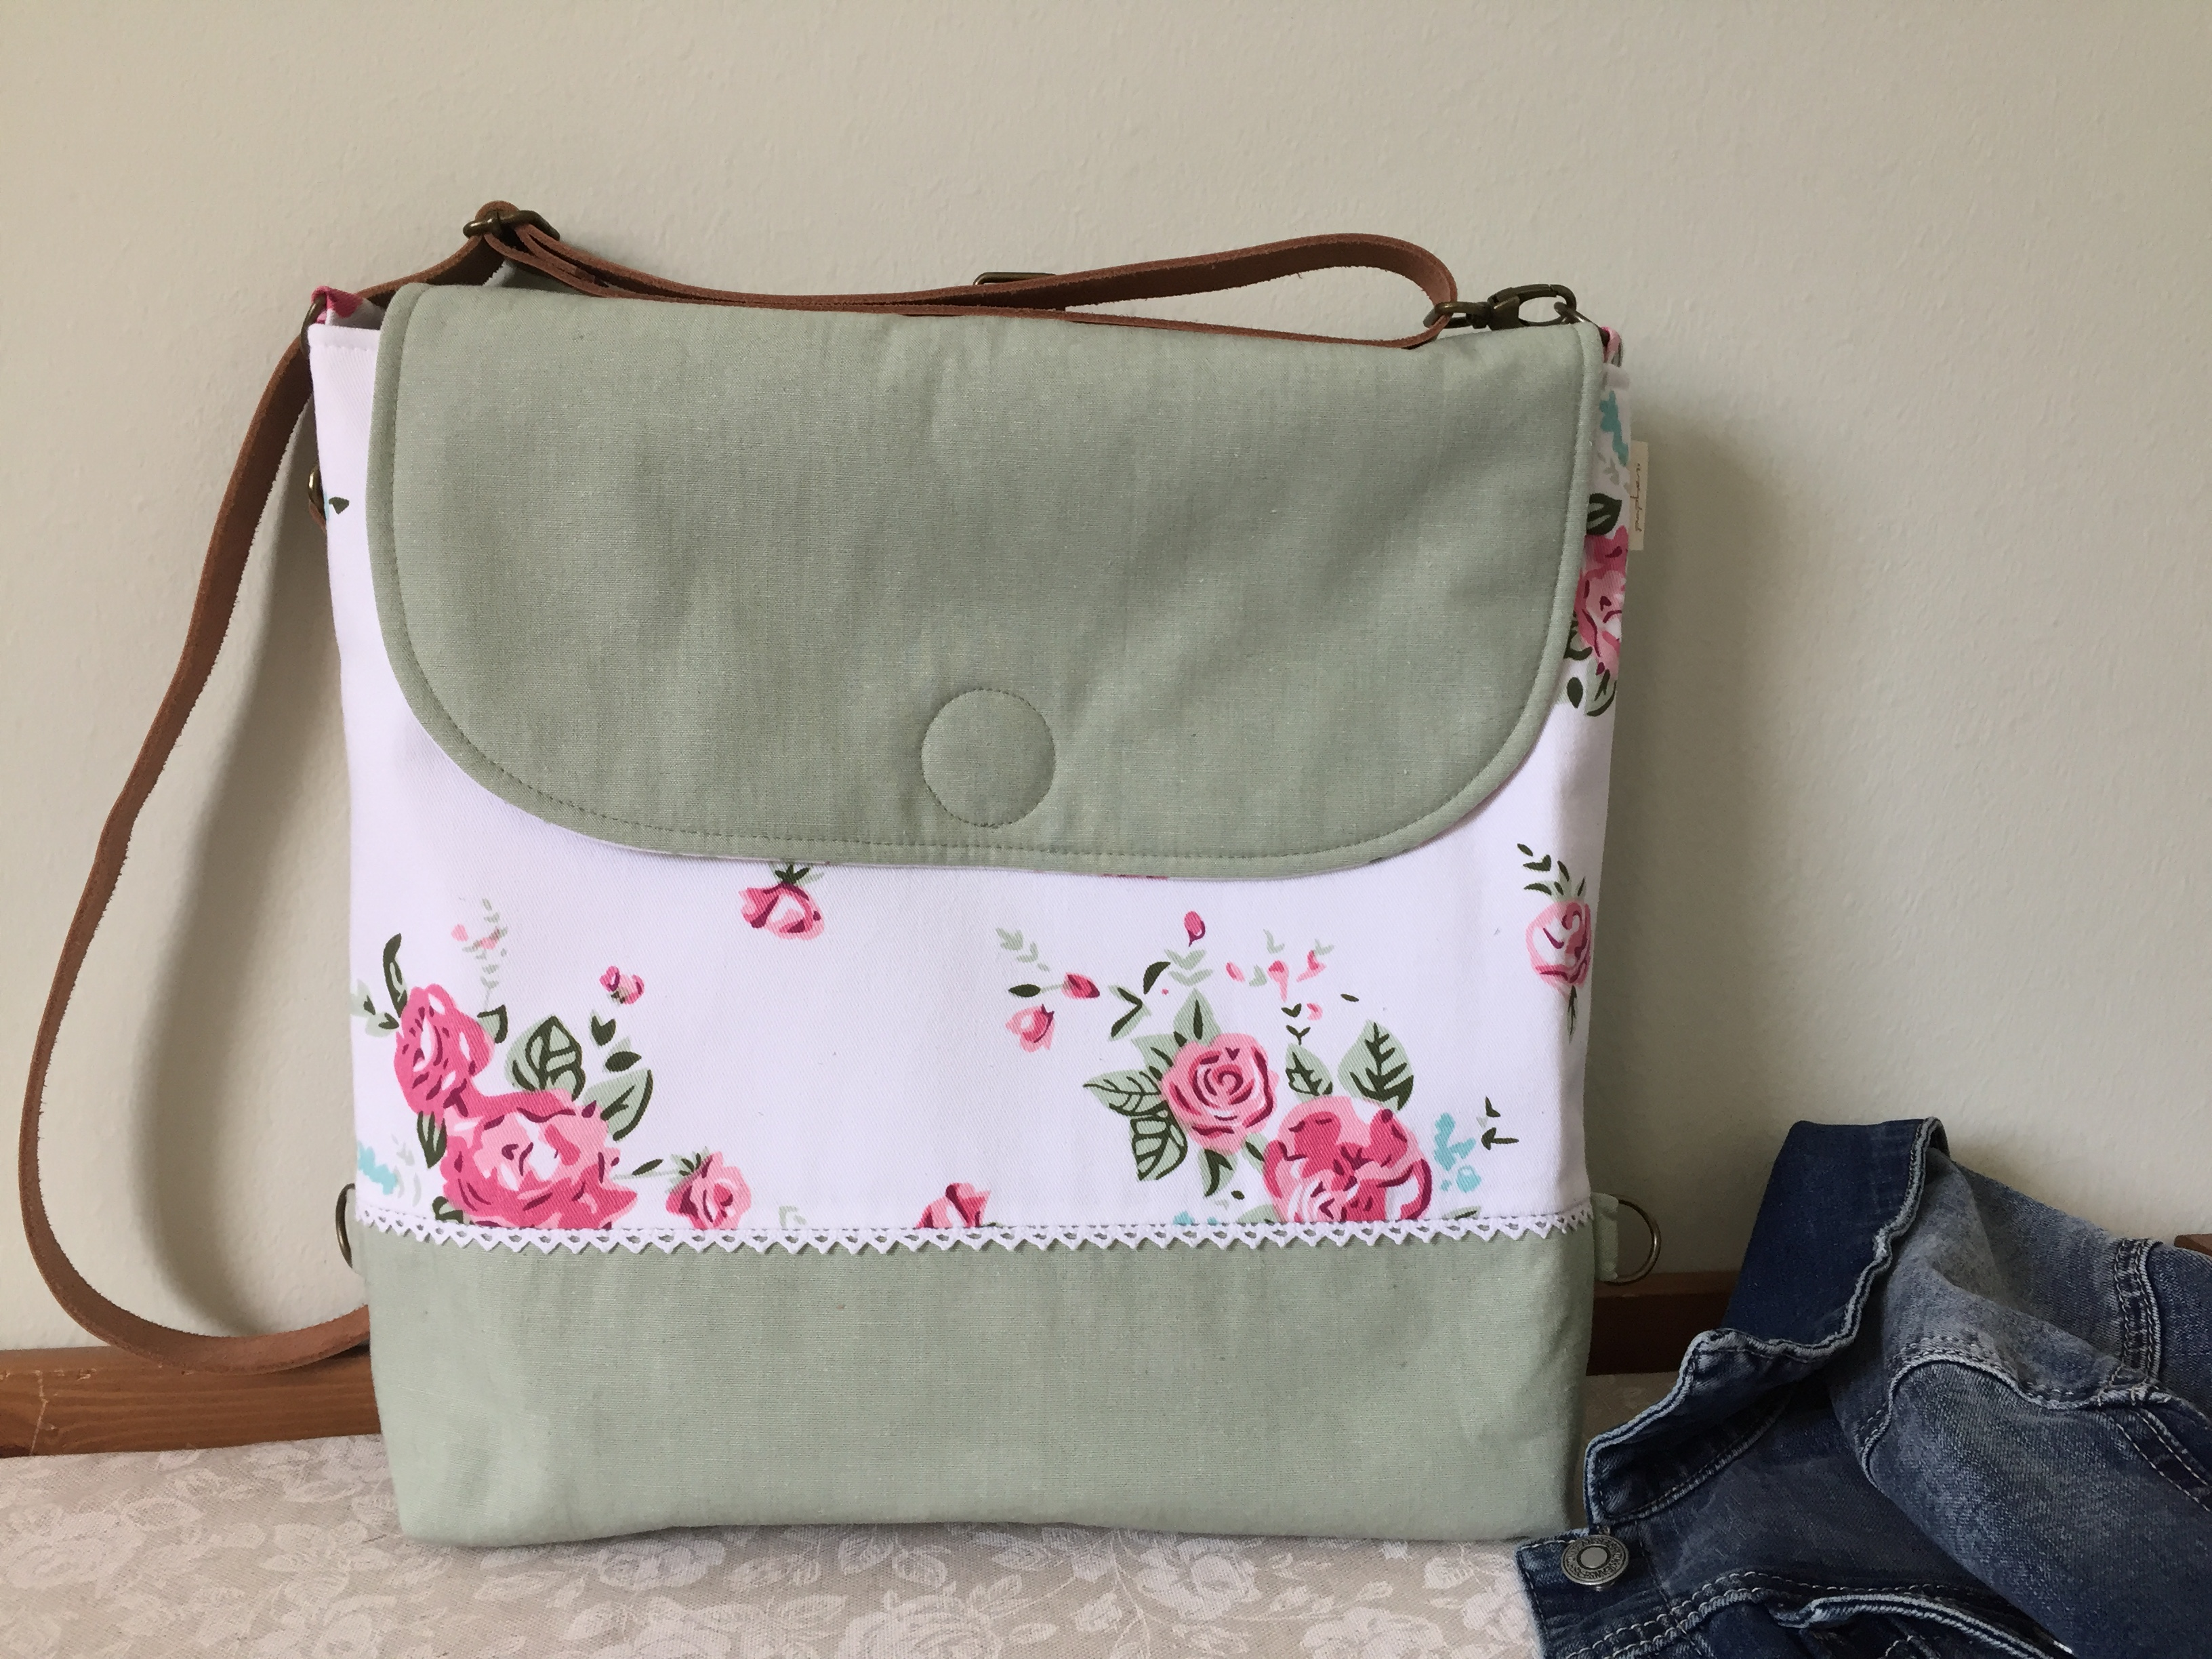 06a0ee1e6569 Fehér rózsás – 2in 1 táska – Papheni – Designer kézzel készített táskák